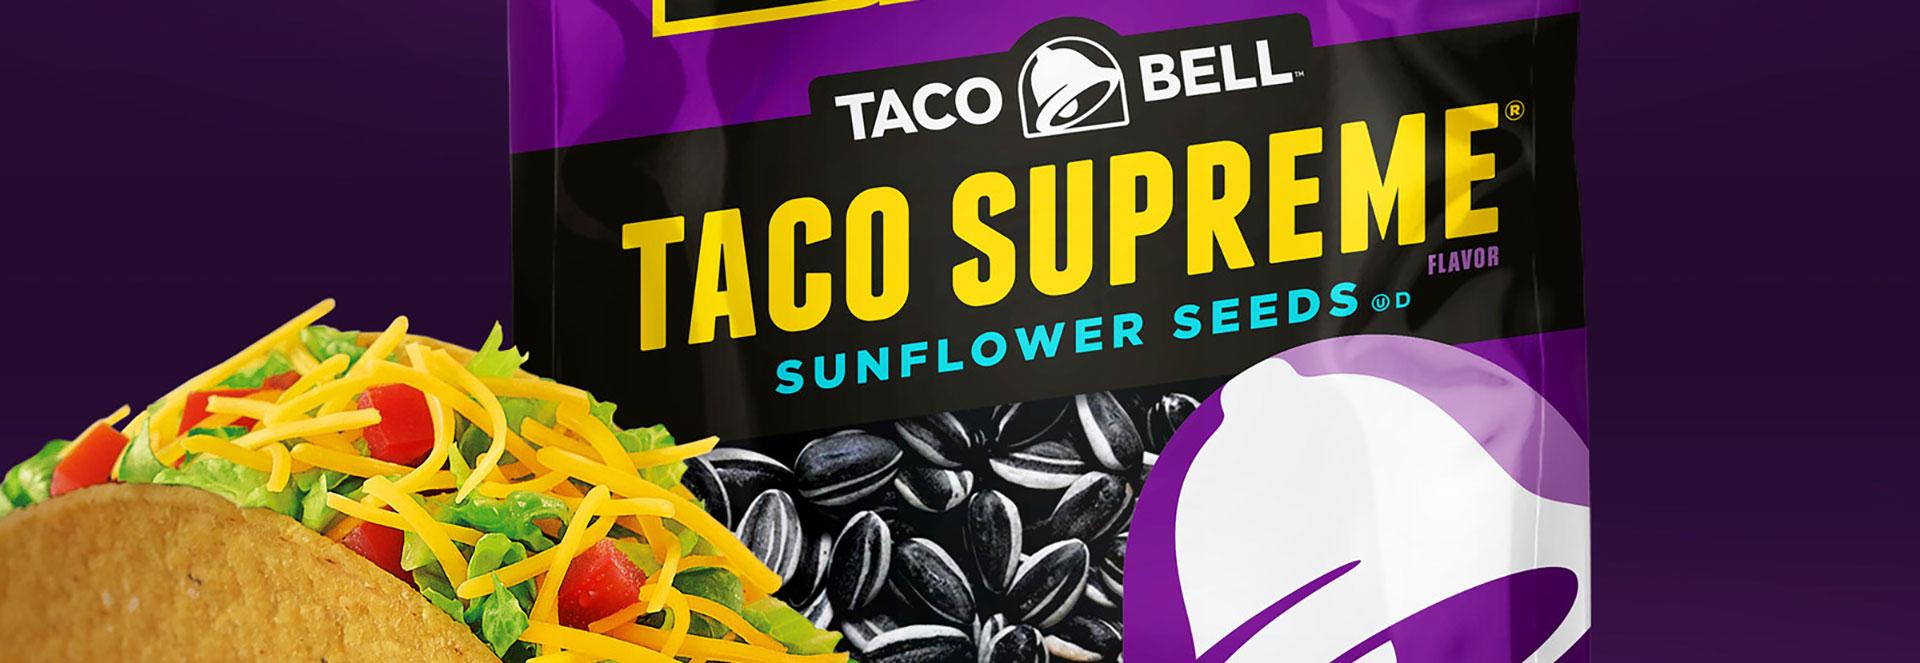 Taco Bell-Inspired Sunflower Seeds to Hit Shelves